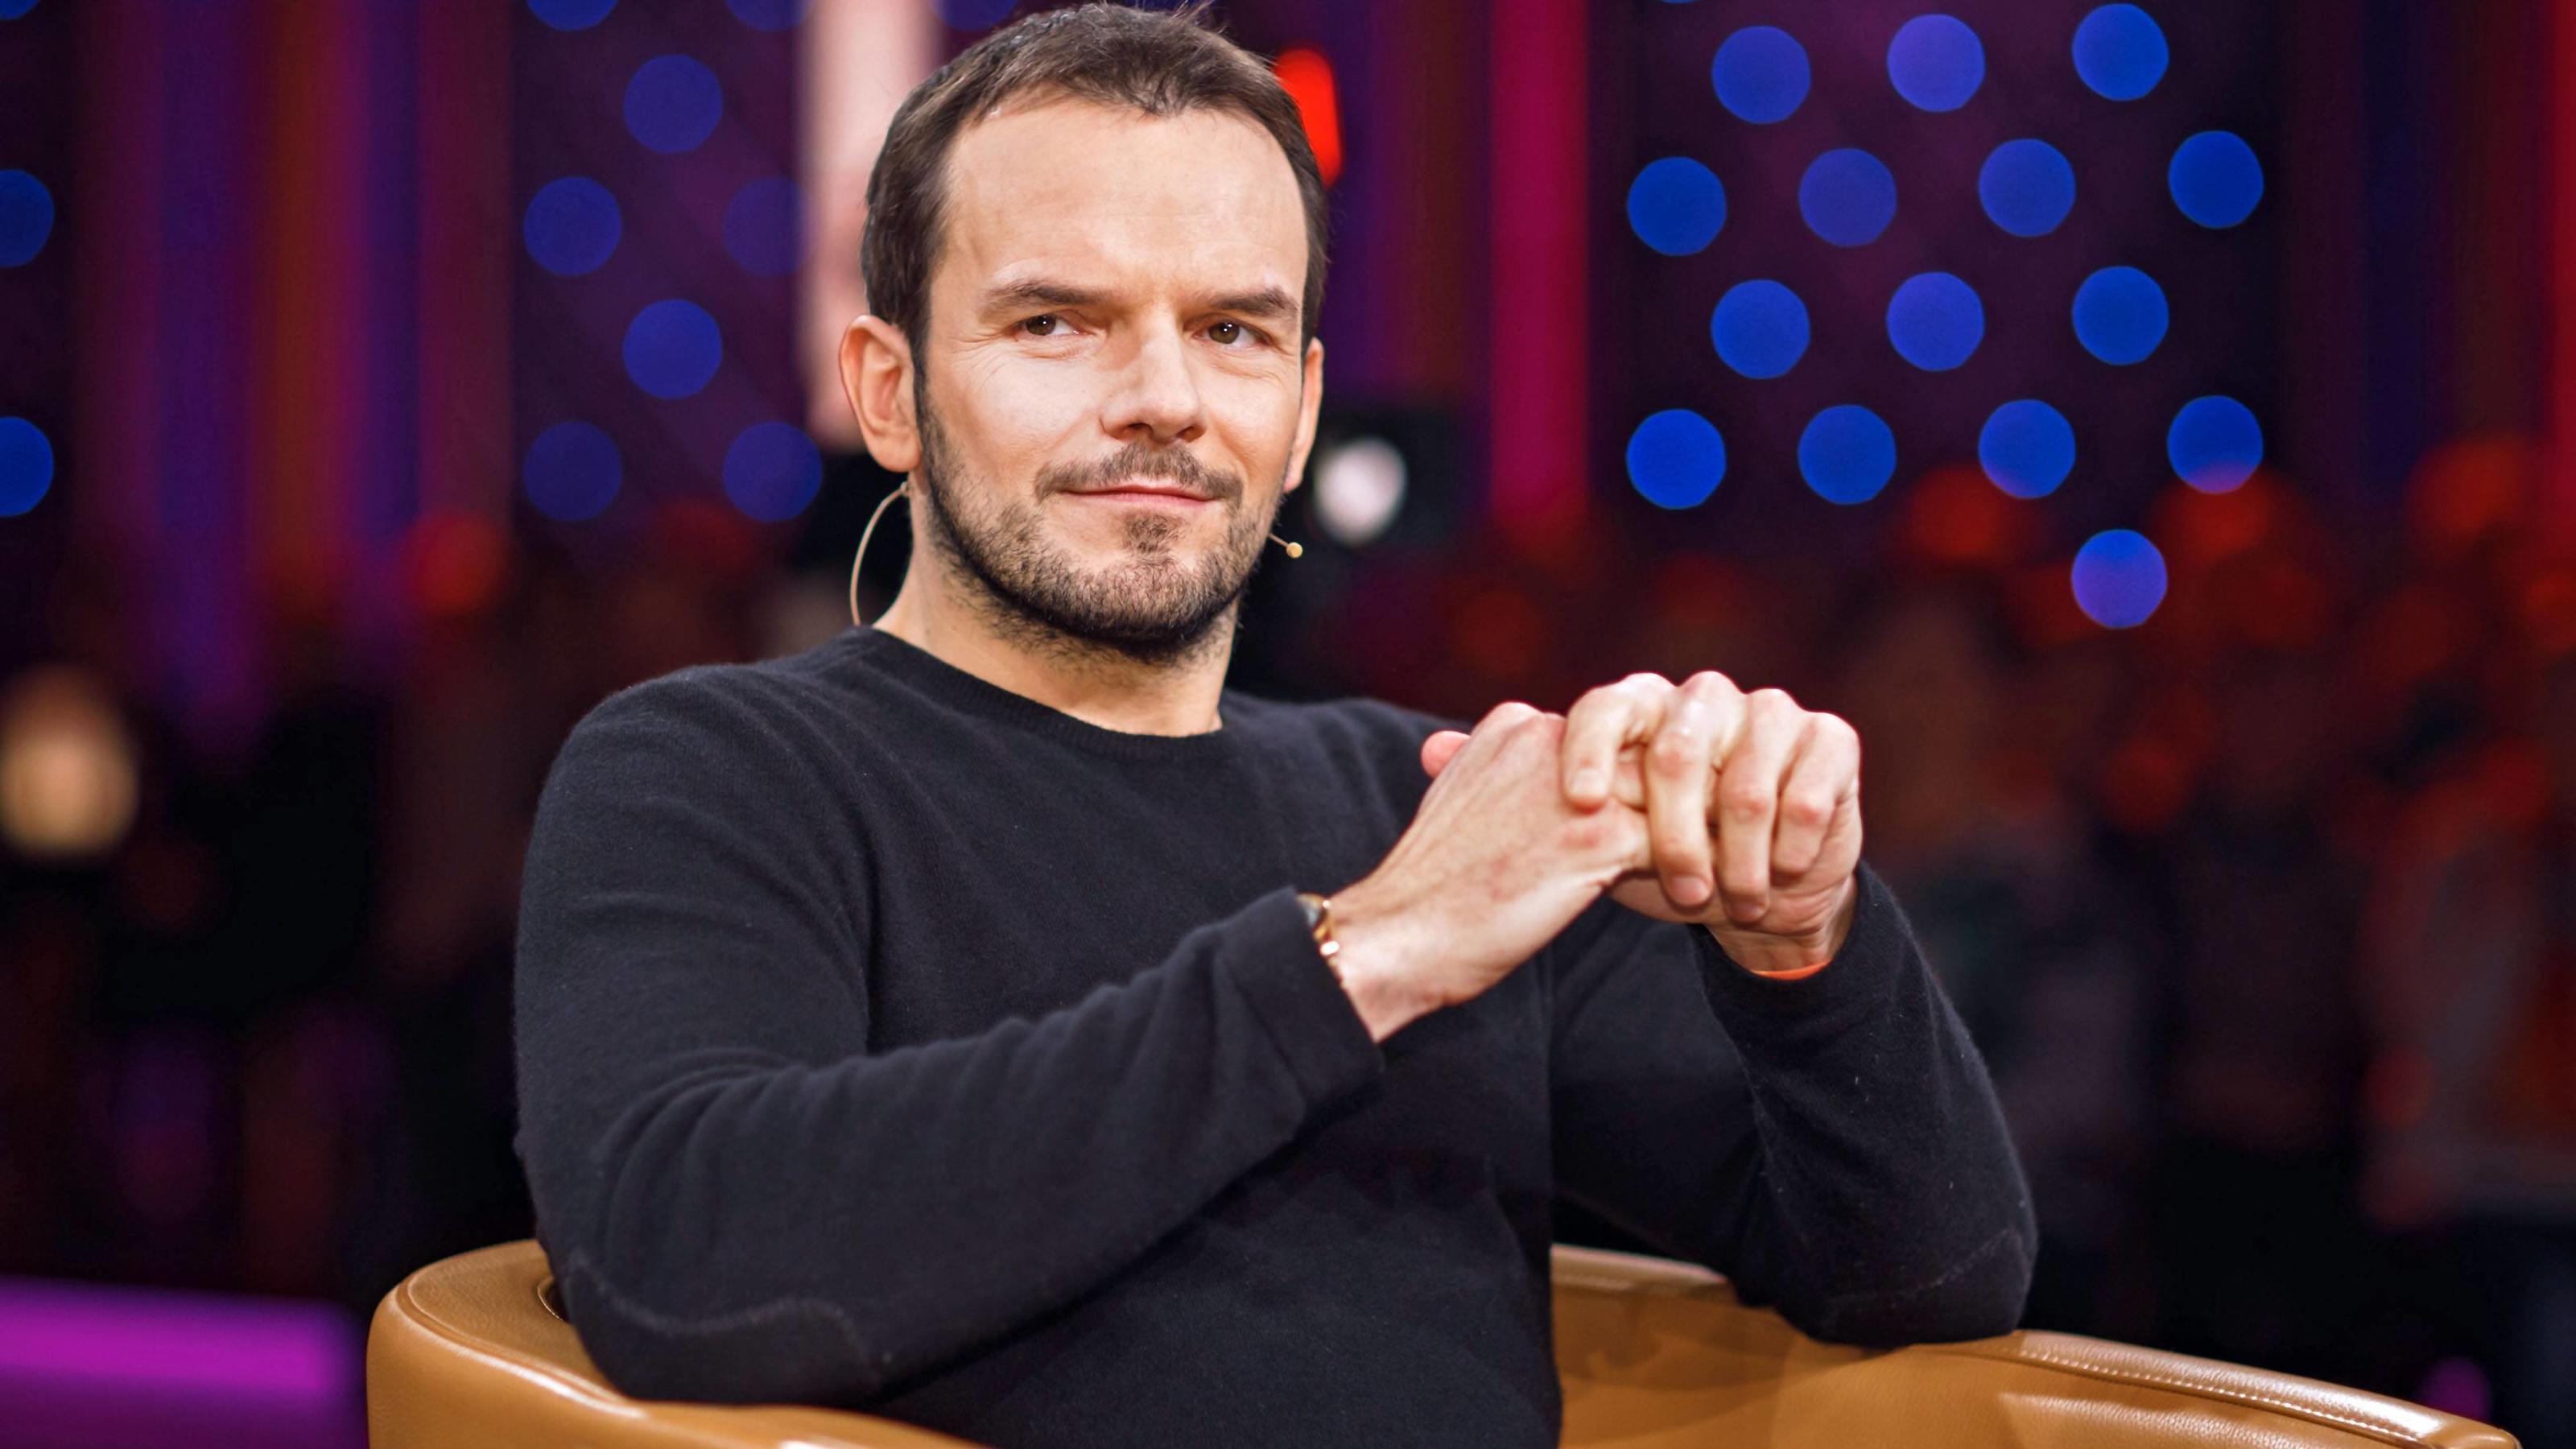 """Steffen Henssler spricht über seine Tochter: """"Sie ist ein echter Henssler"""" - VIP.de, Star News"""